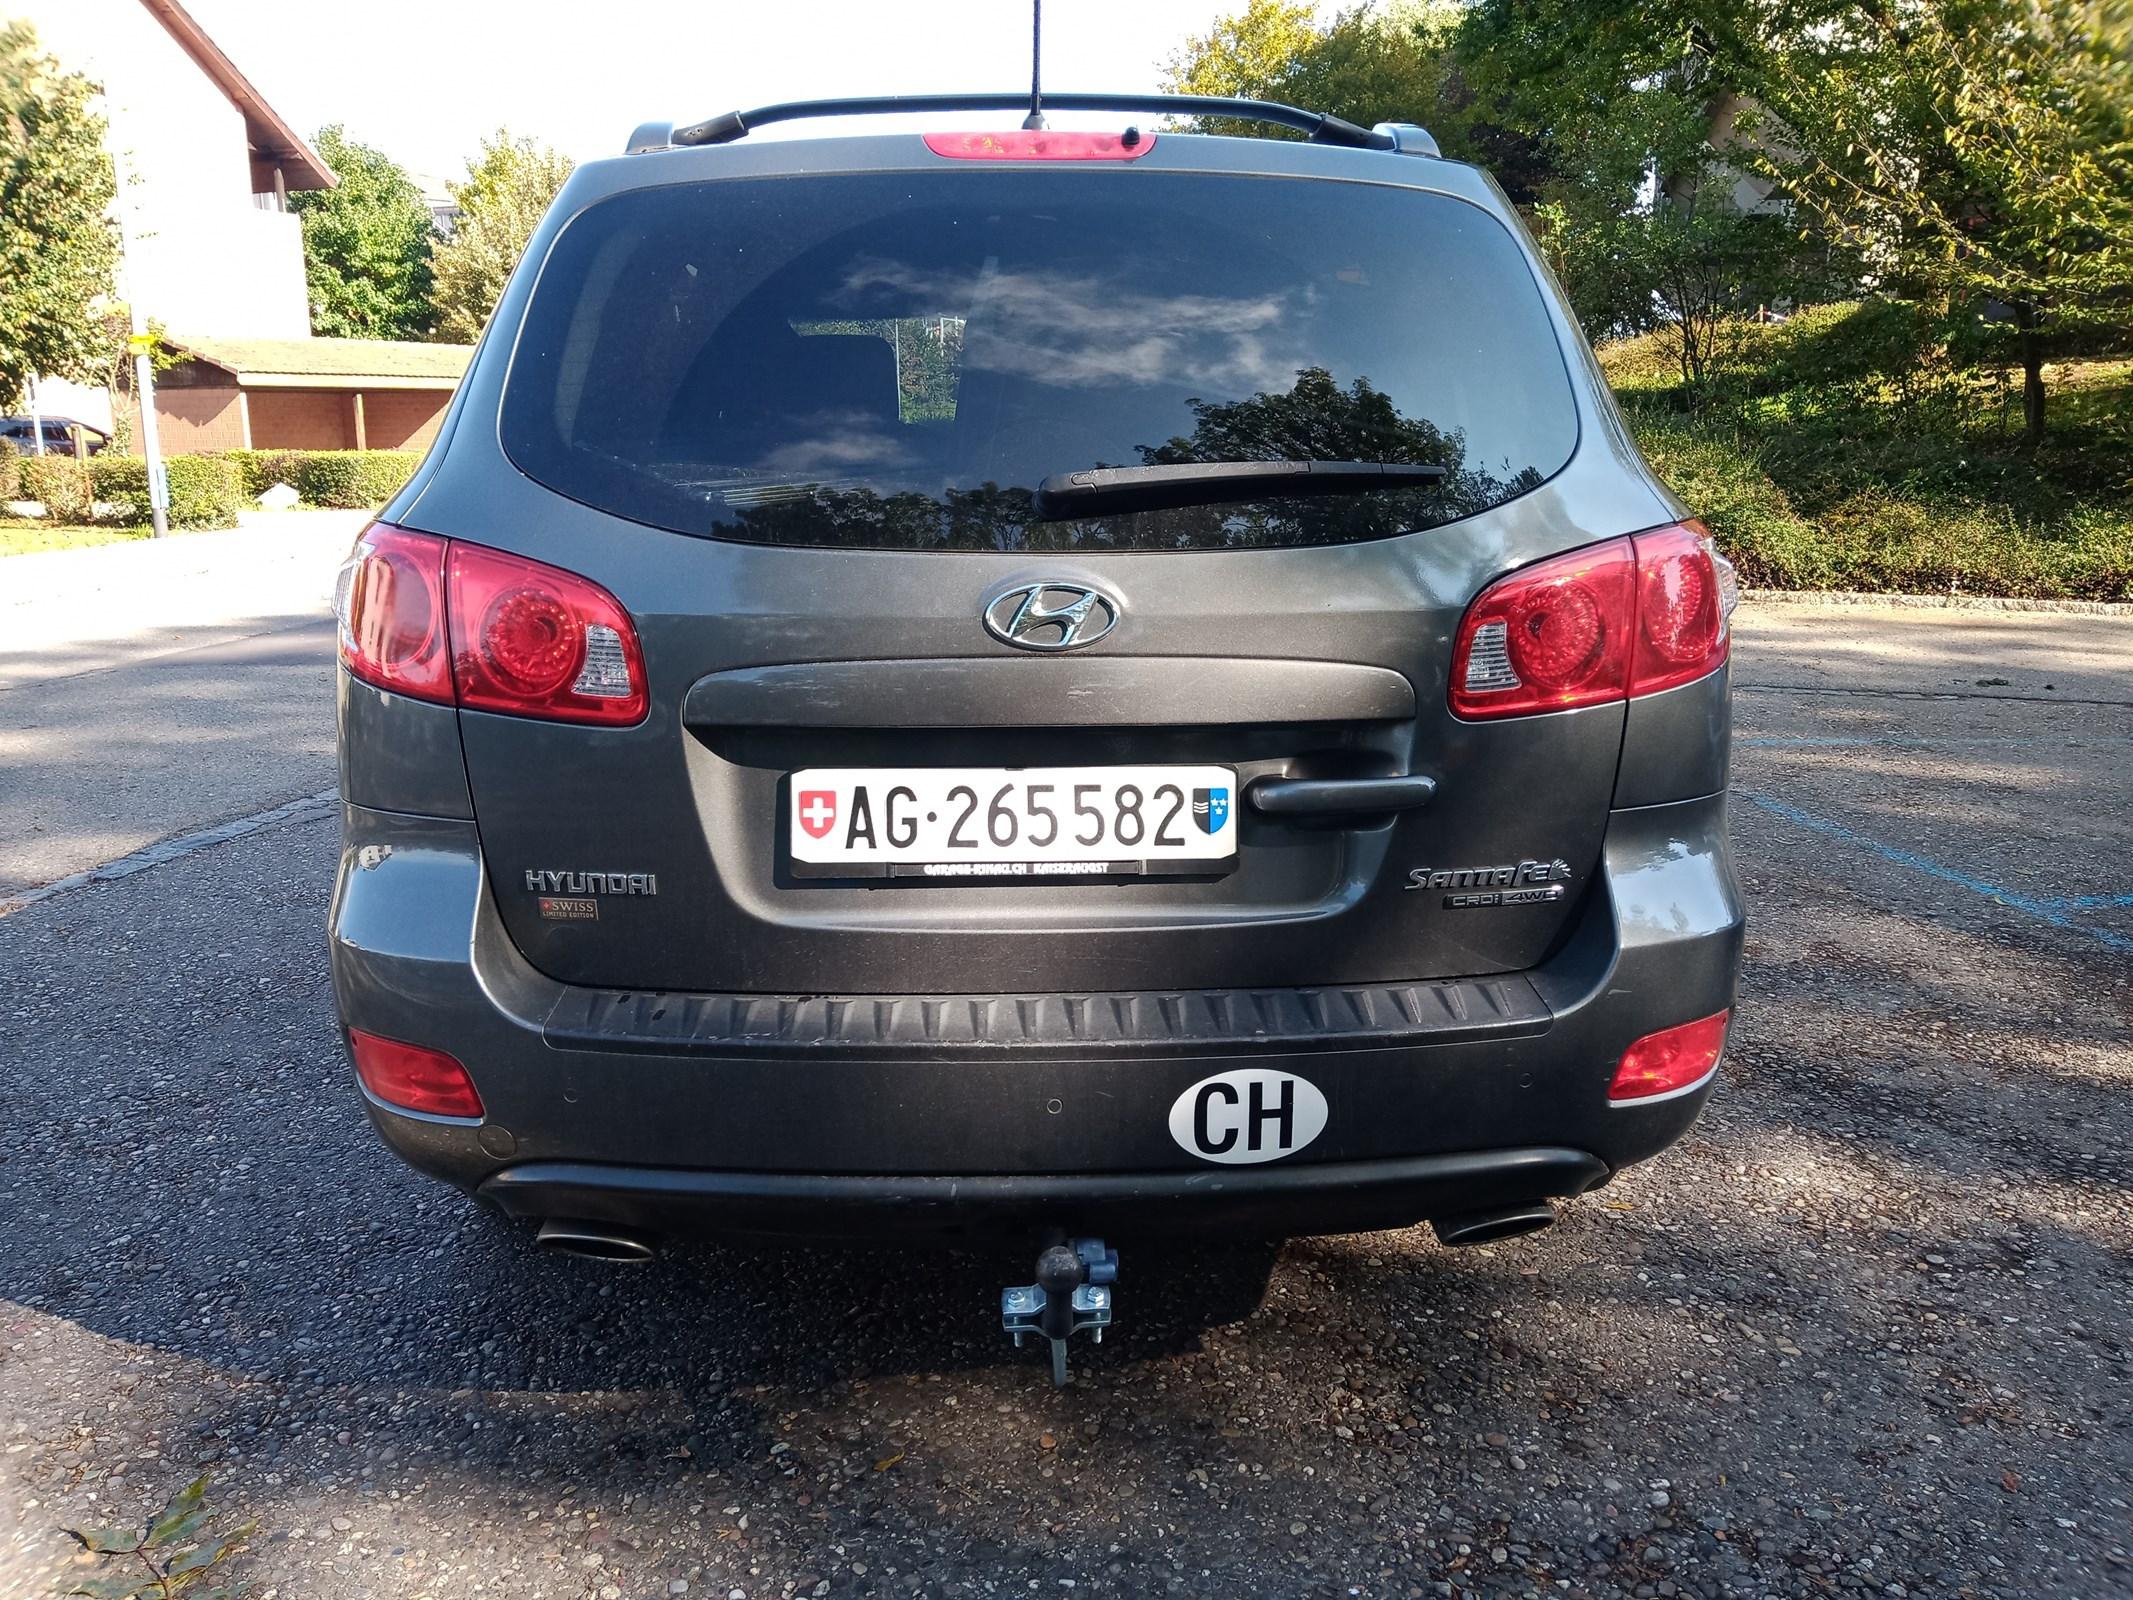 Hyundai Santa Fe 2.2 CRDi Swiss Ltd. Ed. 4x4